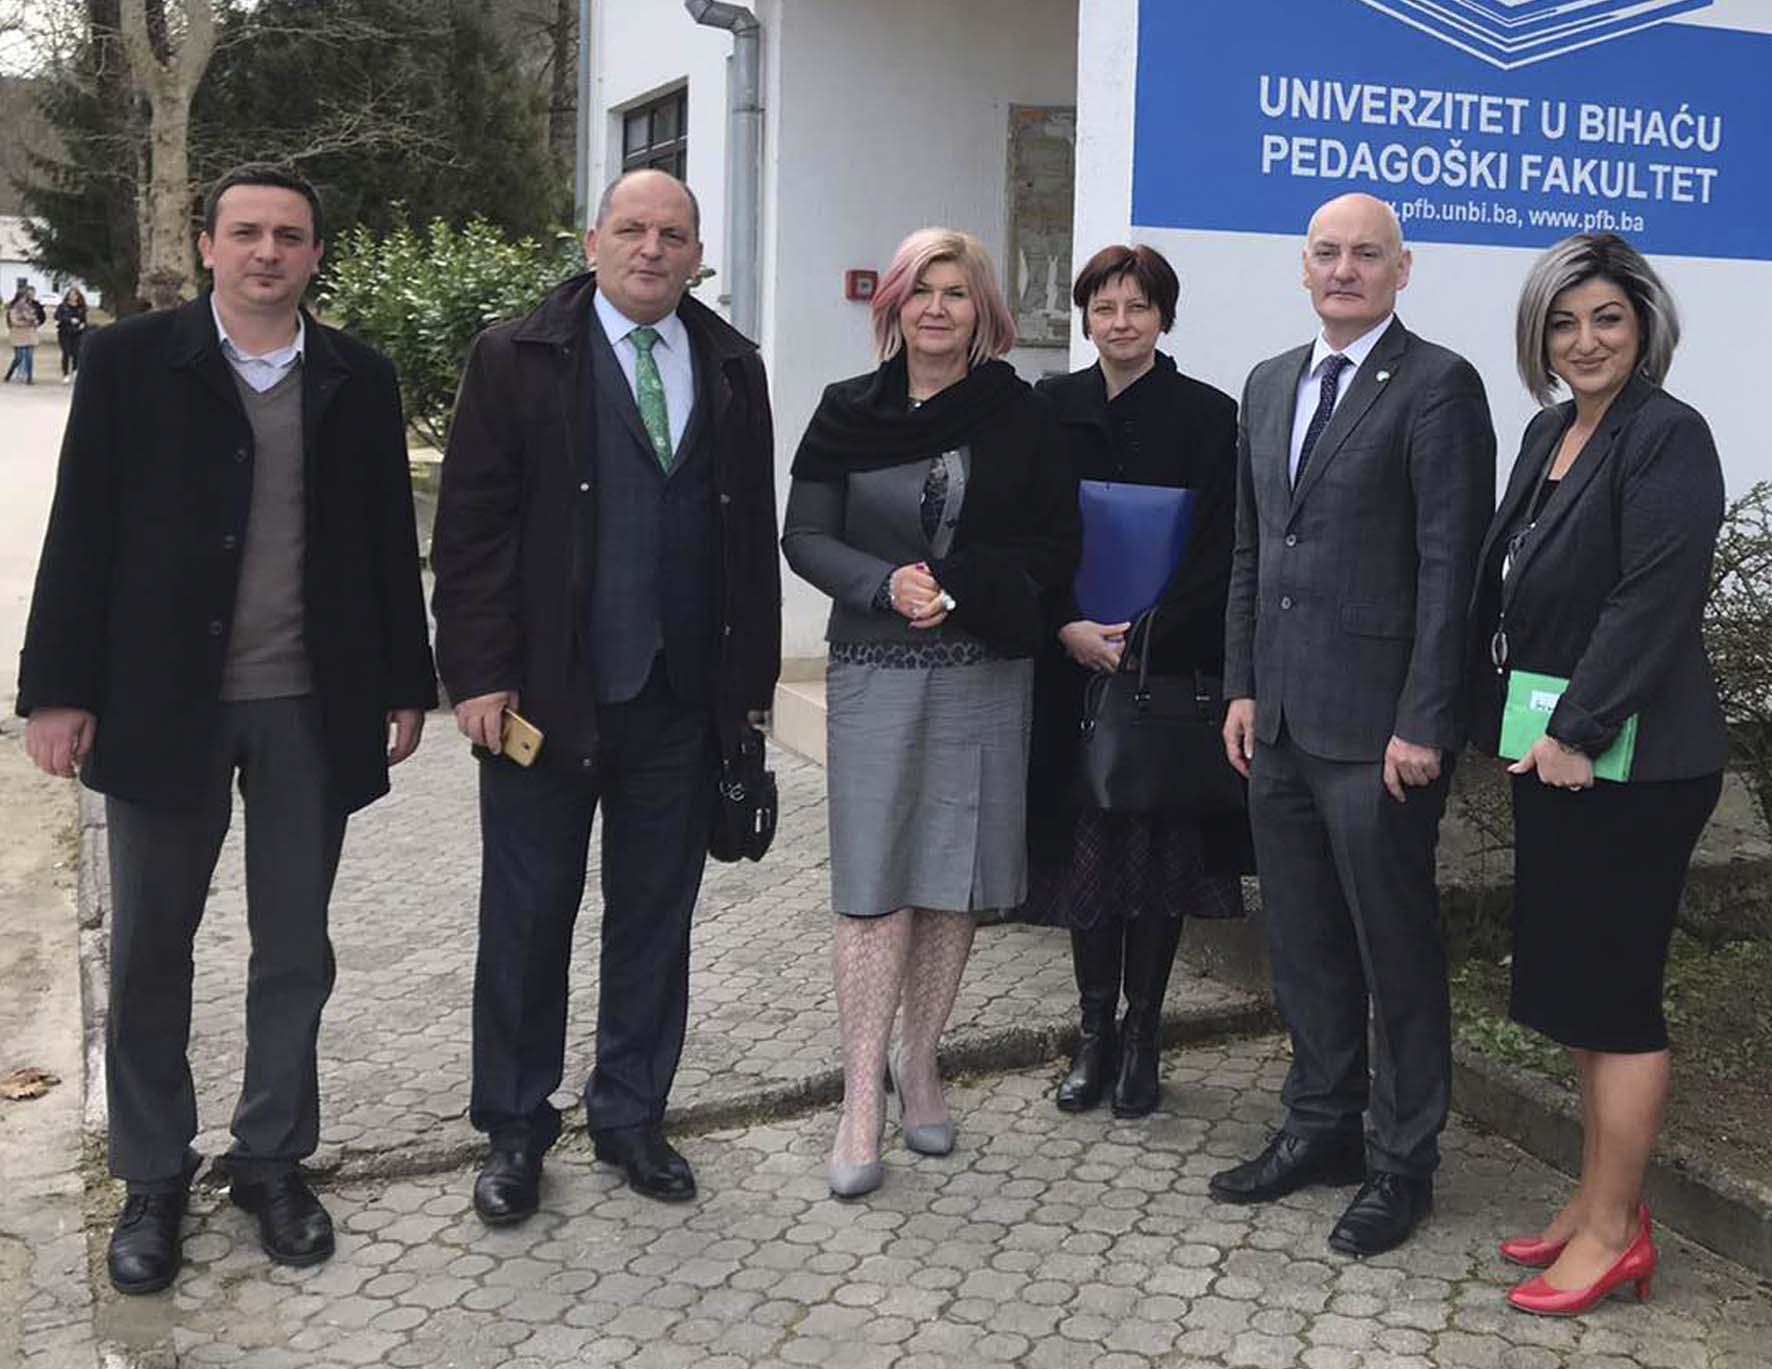 Posjeta Ambasadora Republike Irske u Republici Sloveniji Pedagoškom fakultetu u Bihaću